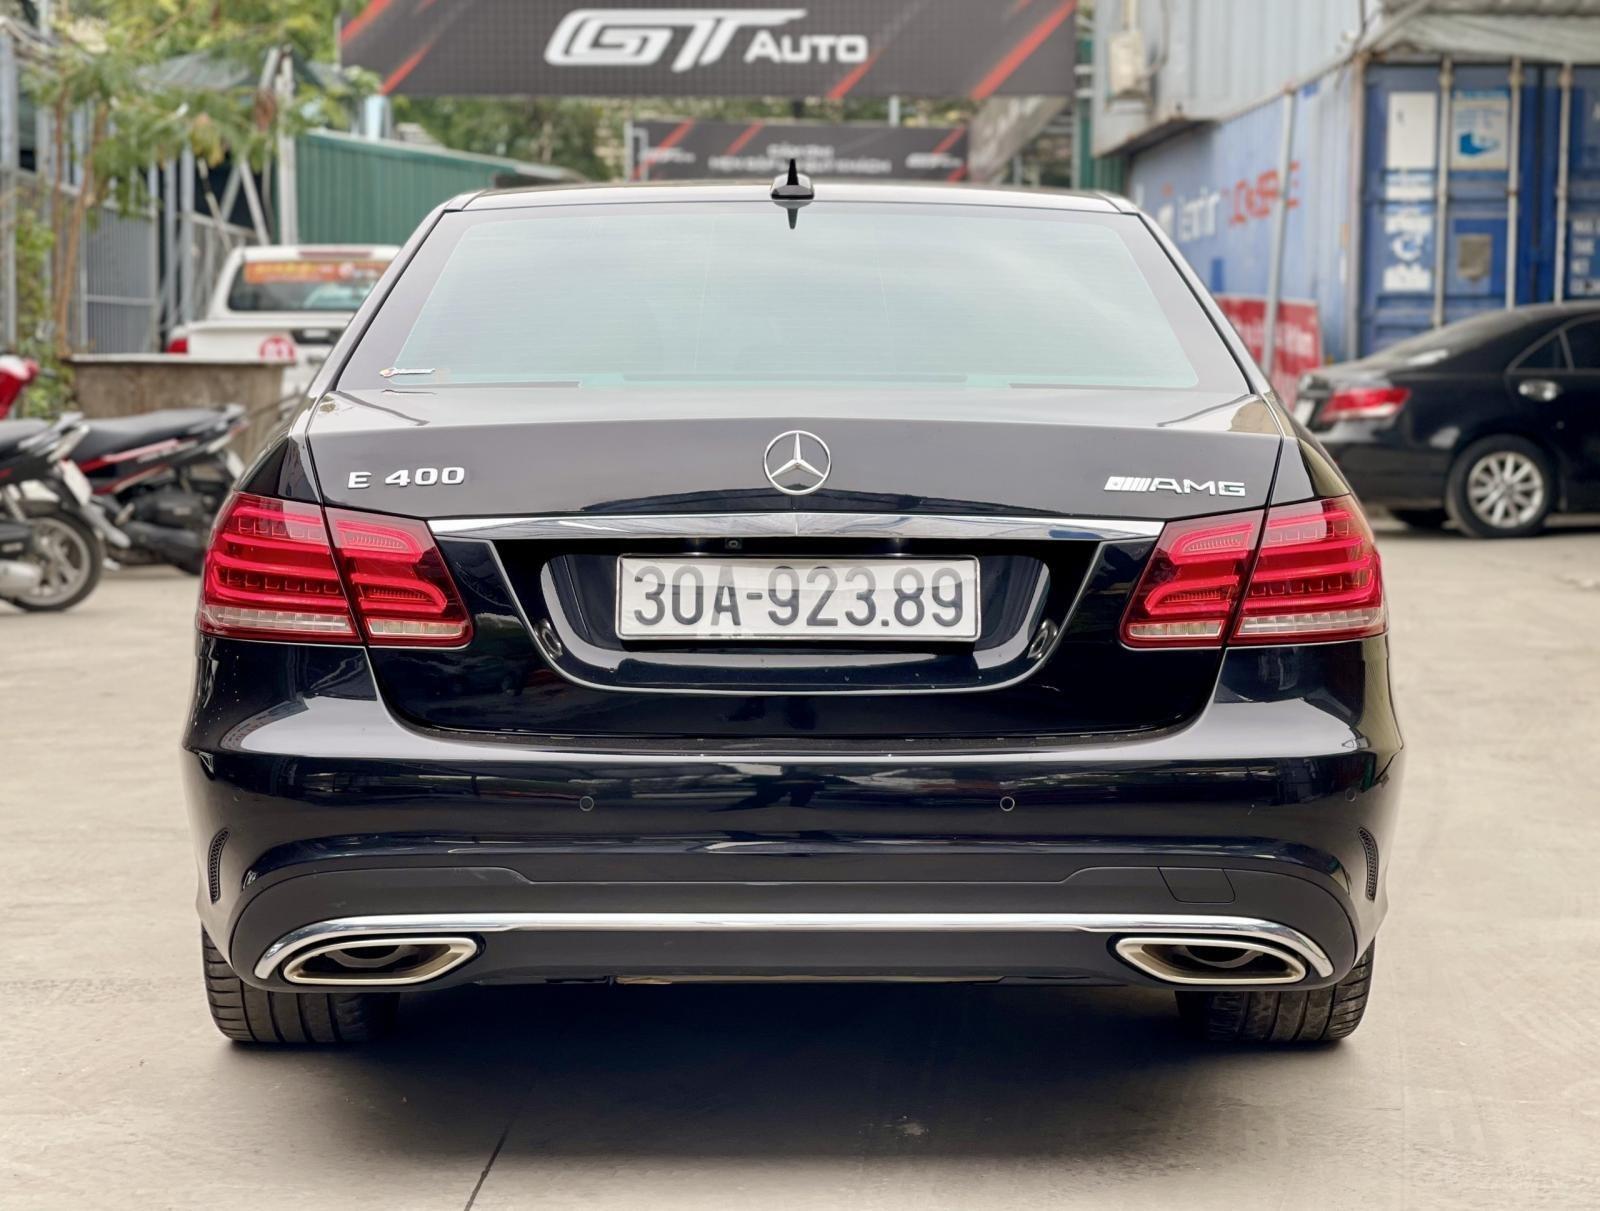 Siêu phẩm Mercedes E250 AMG đi giữ gìn 1 chủ từ đầu (10)